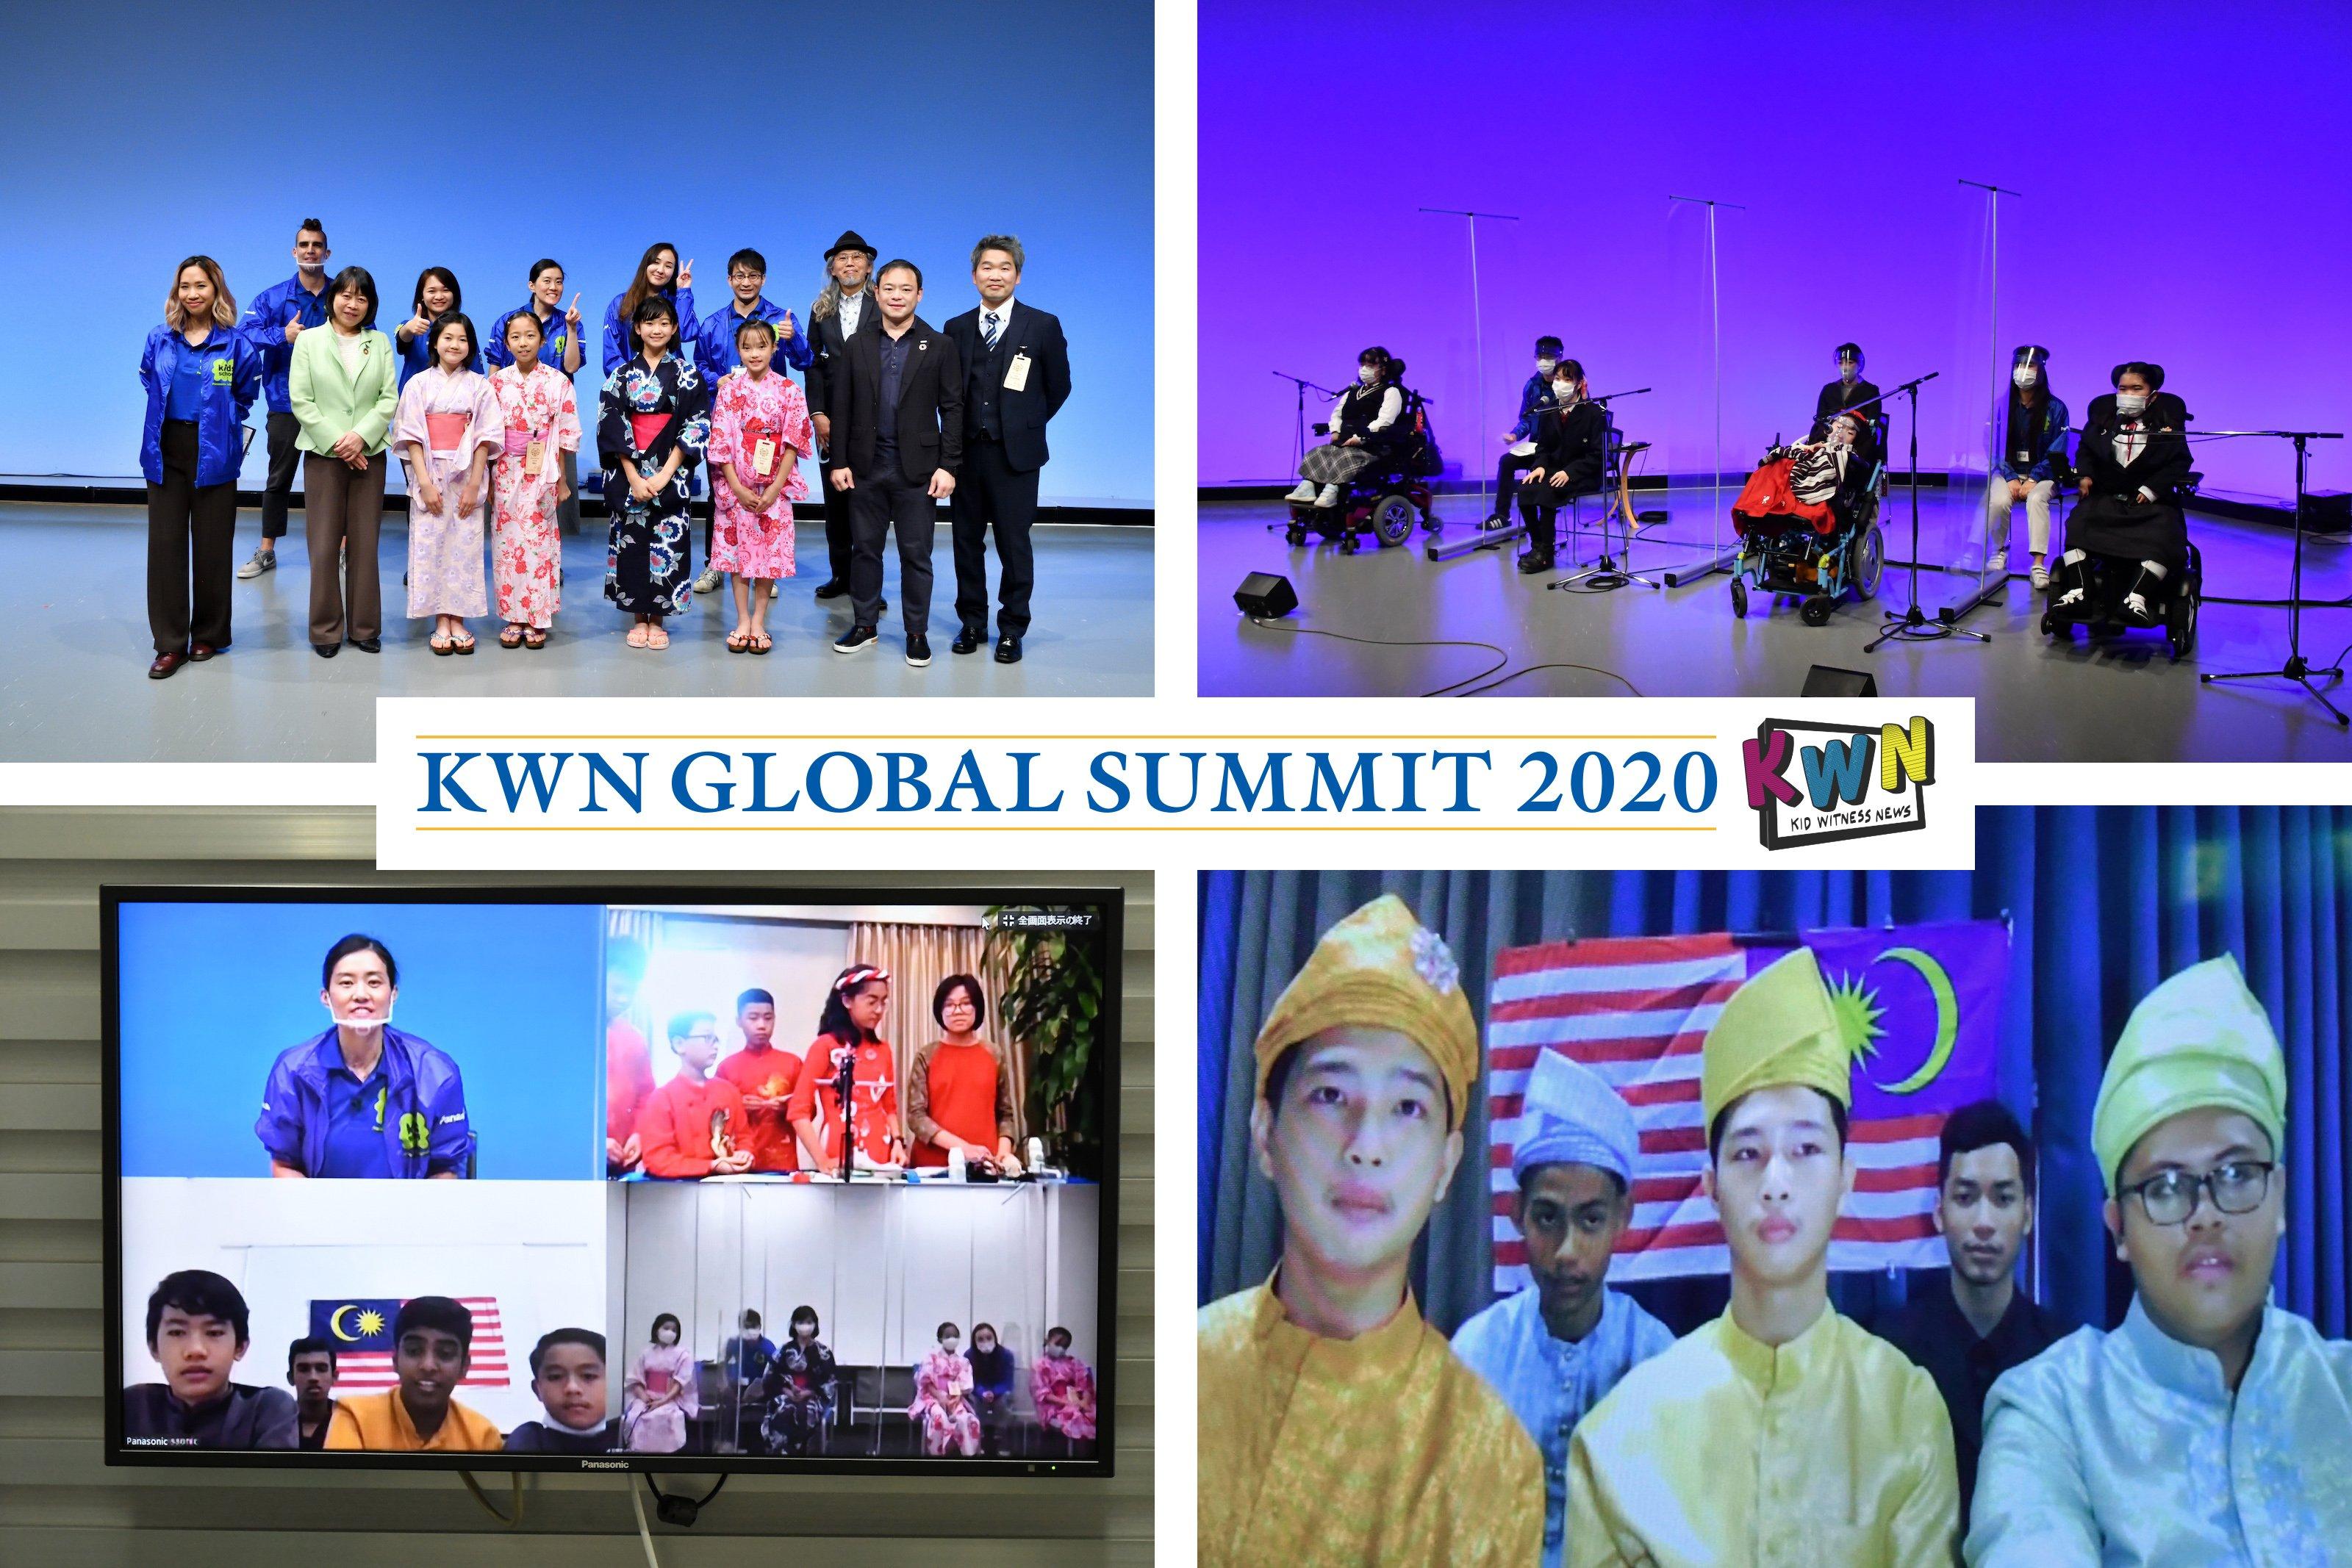 次世代の子どもたちに映像制作を通じ「深い学びの場」を提供~「KWN GLOBAL SUMMIT 2020」~